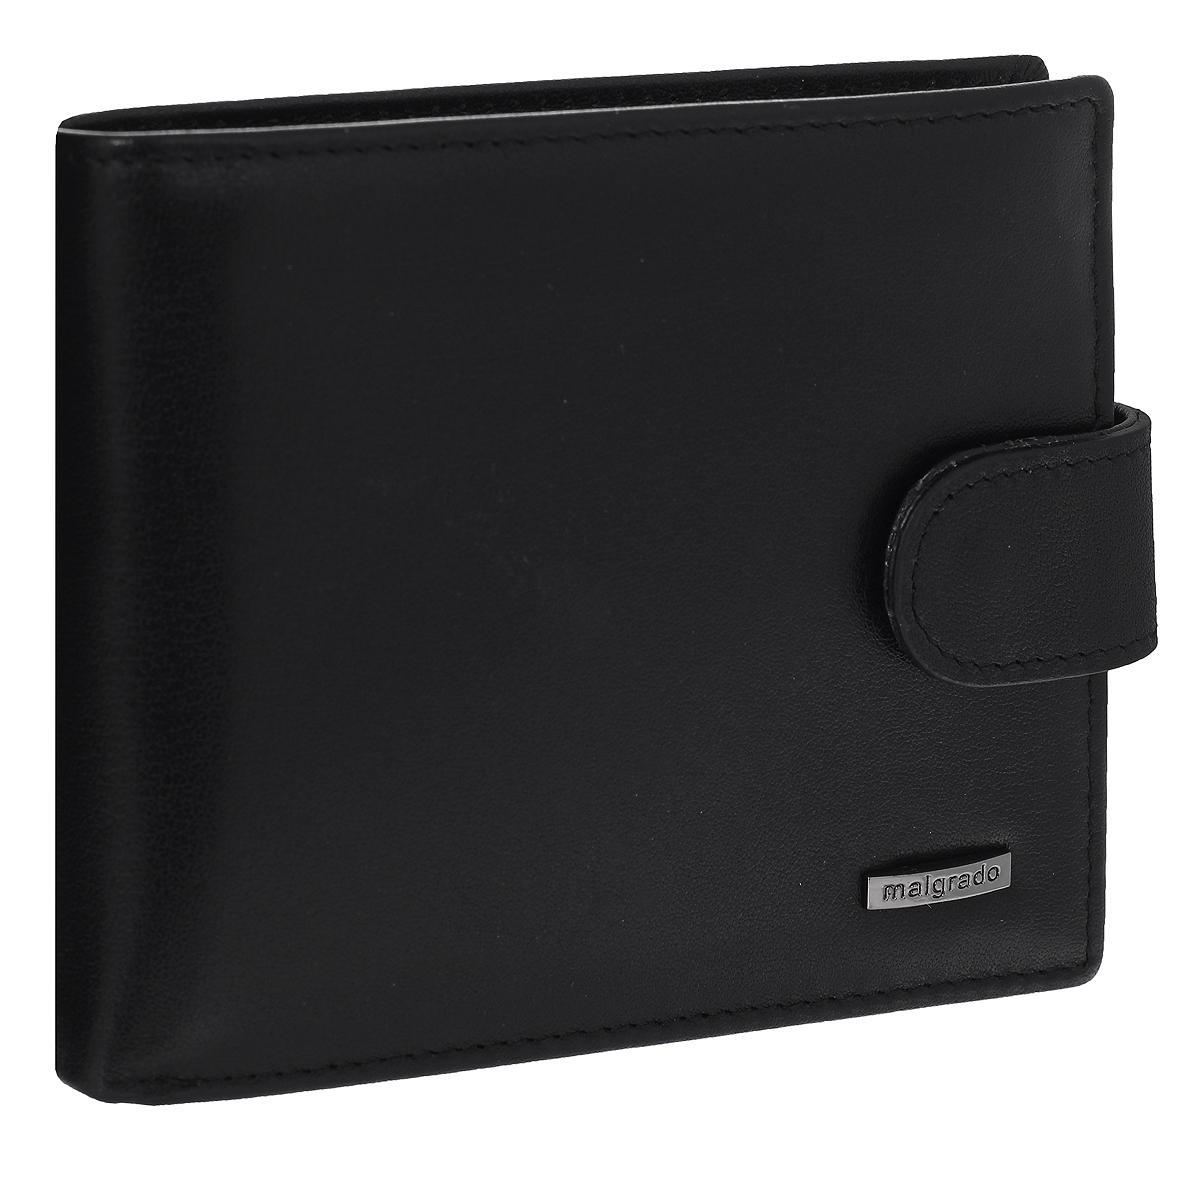 """Портмоне мужское Malgrado, цвет: черный. 36002-55D36002-55D Black Портмоне MalgradoУниверсальное портмоне Malgrado изготовлено из натуральной кожи. Внутри содержит три отделения для купюр, одно из которых на молнии, потайной кармашек, отсек для мелочи на кнопке, два кармана с прозрачным """"окошком"""" для пропуска или фотографии и три наборных кармашка для кредитных карт. Закрывается портмоне хлястиком на кнопку. Благодаря насыщенному цвету и лаконичному дизайну, такое портмоне подойдет любителям классических аксессуаров."""